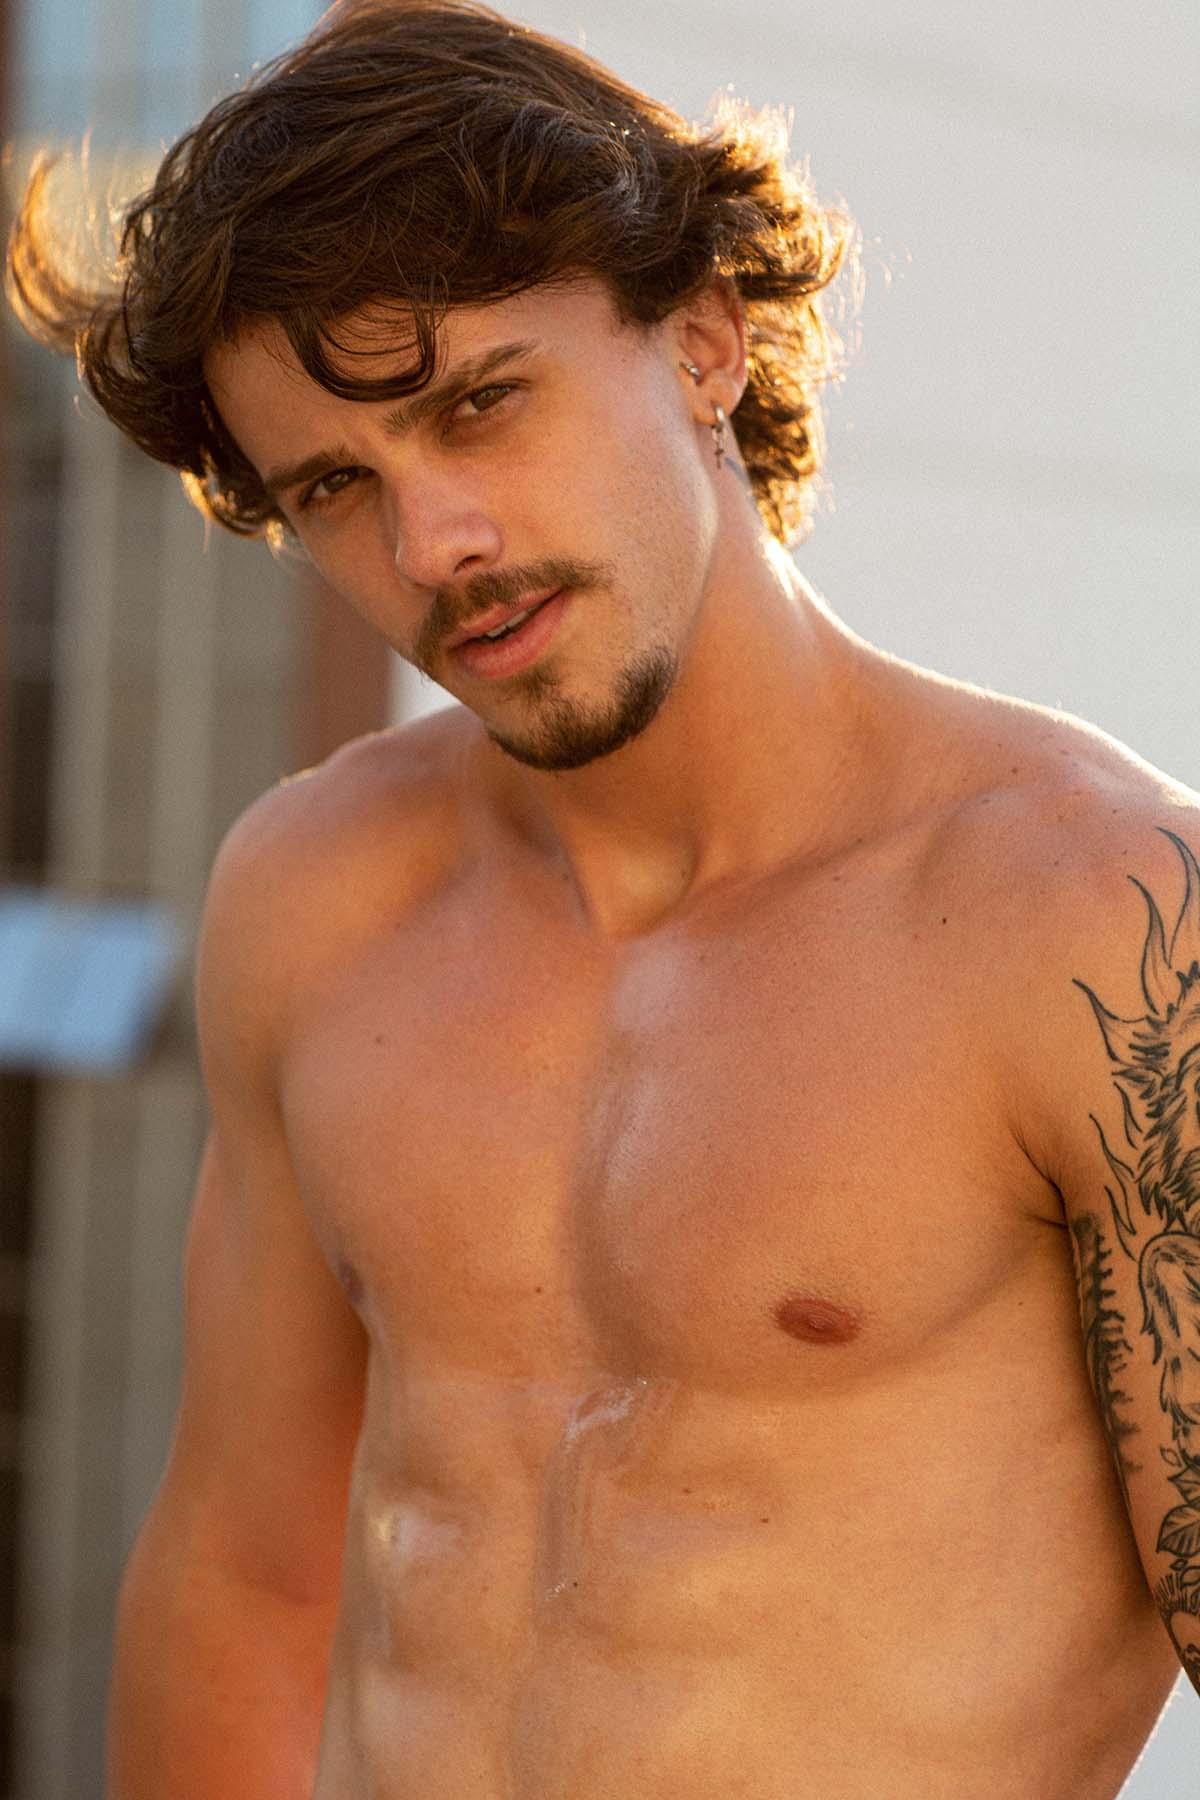 Vitor Lacerda by Felipe Pilotto for Brazilian Male Model